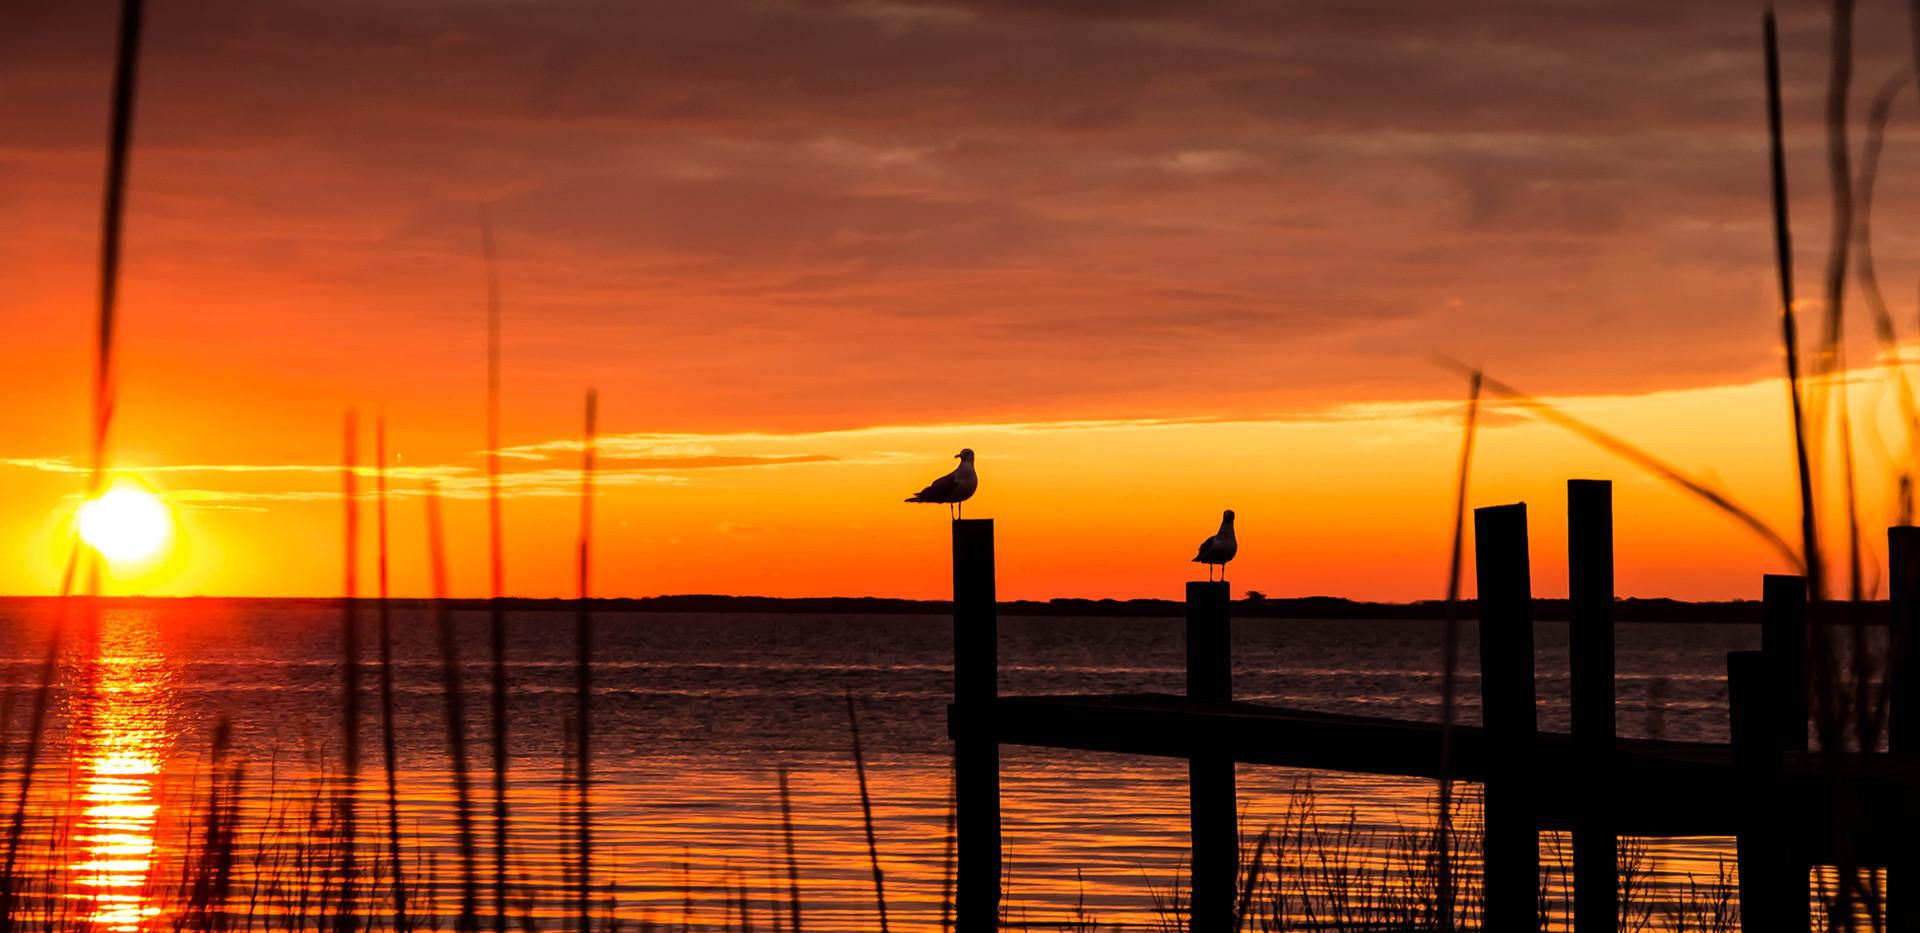 Morning Gulls